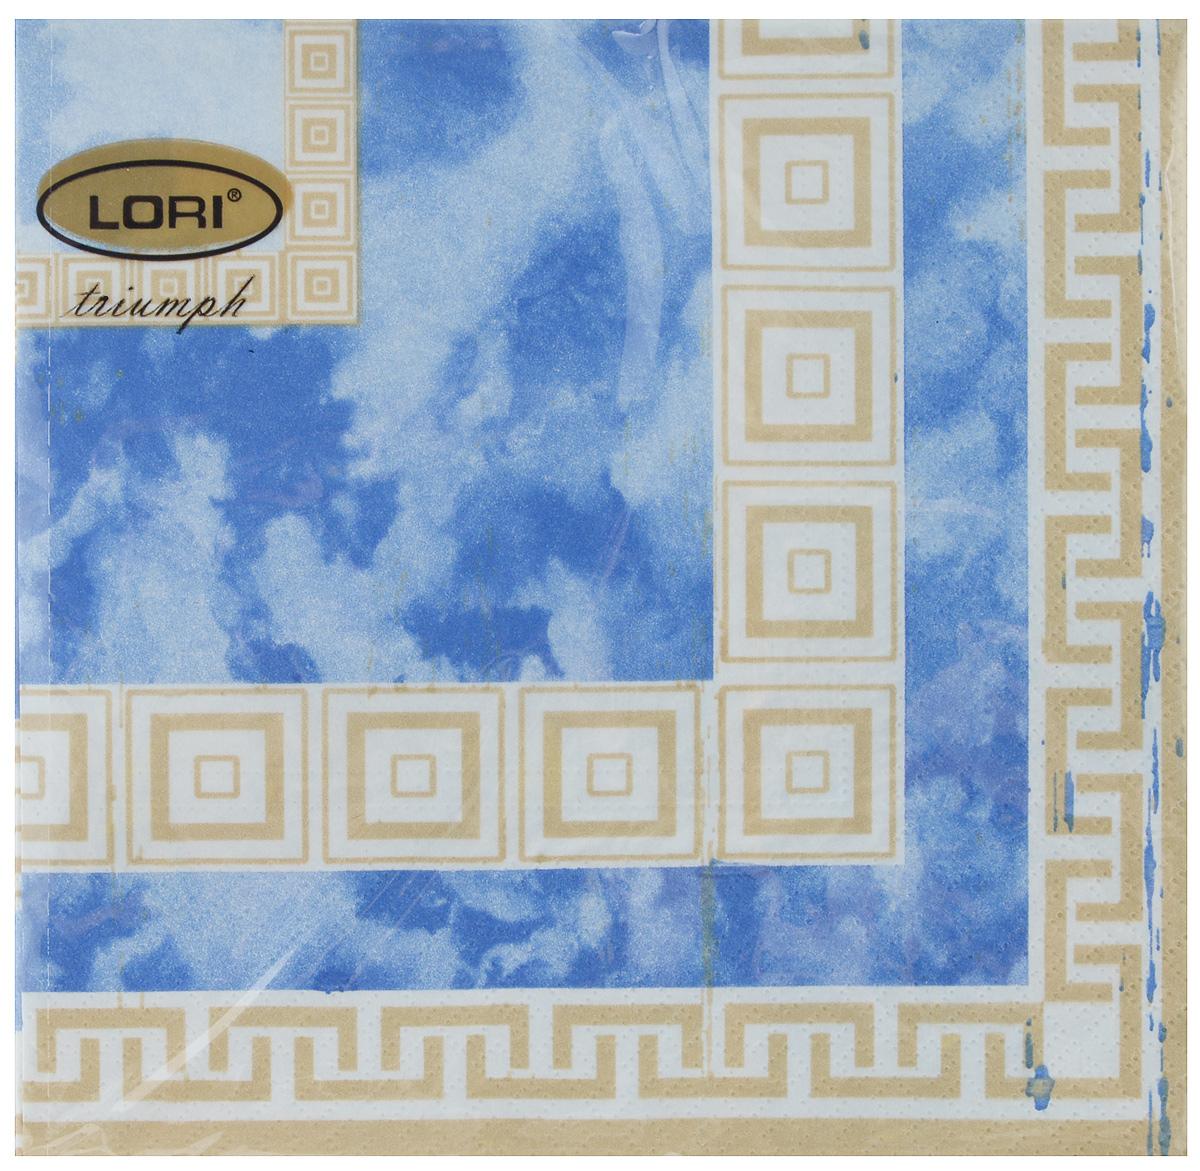 Салфетки бумажные Lori Triumph, трехслойные, цвет: синий, светло-коричневый, 33 х 33 см, 20 шт56135Декоративные трехслойные салфетки Lori Triumph выполнены из 100% целлюлозы и оформлены ярким рисунком. Изделия станут отличным дополнением любого праздничного стола. Они отличаются необычной мягкостью, прочностью и оригинальностью. Размер салфеток в развернутом виде: 33 х 33 см.